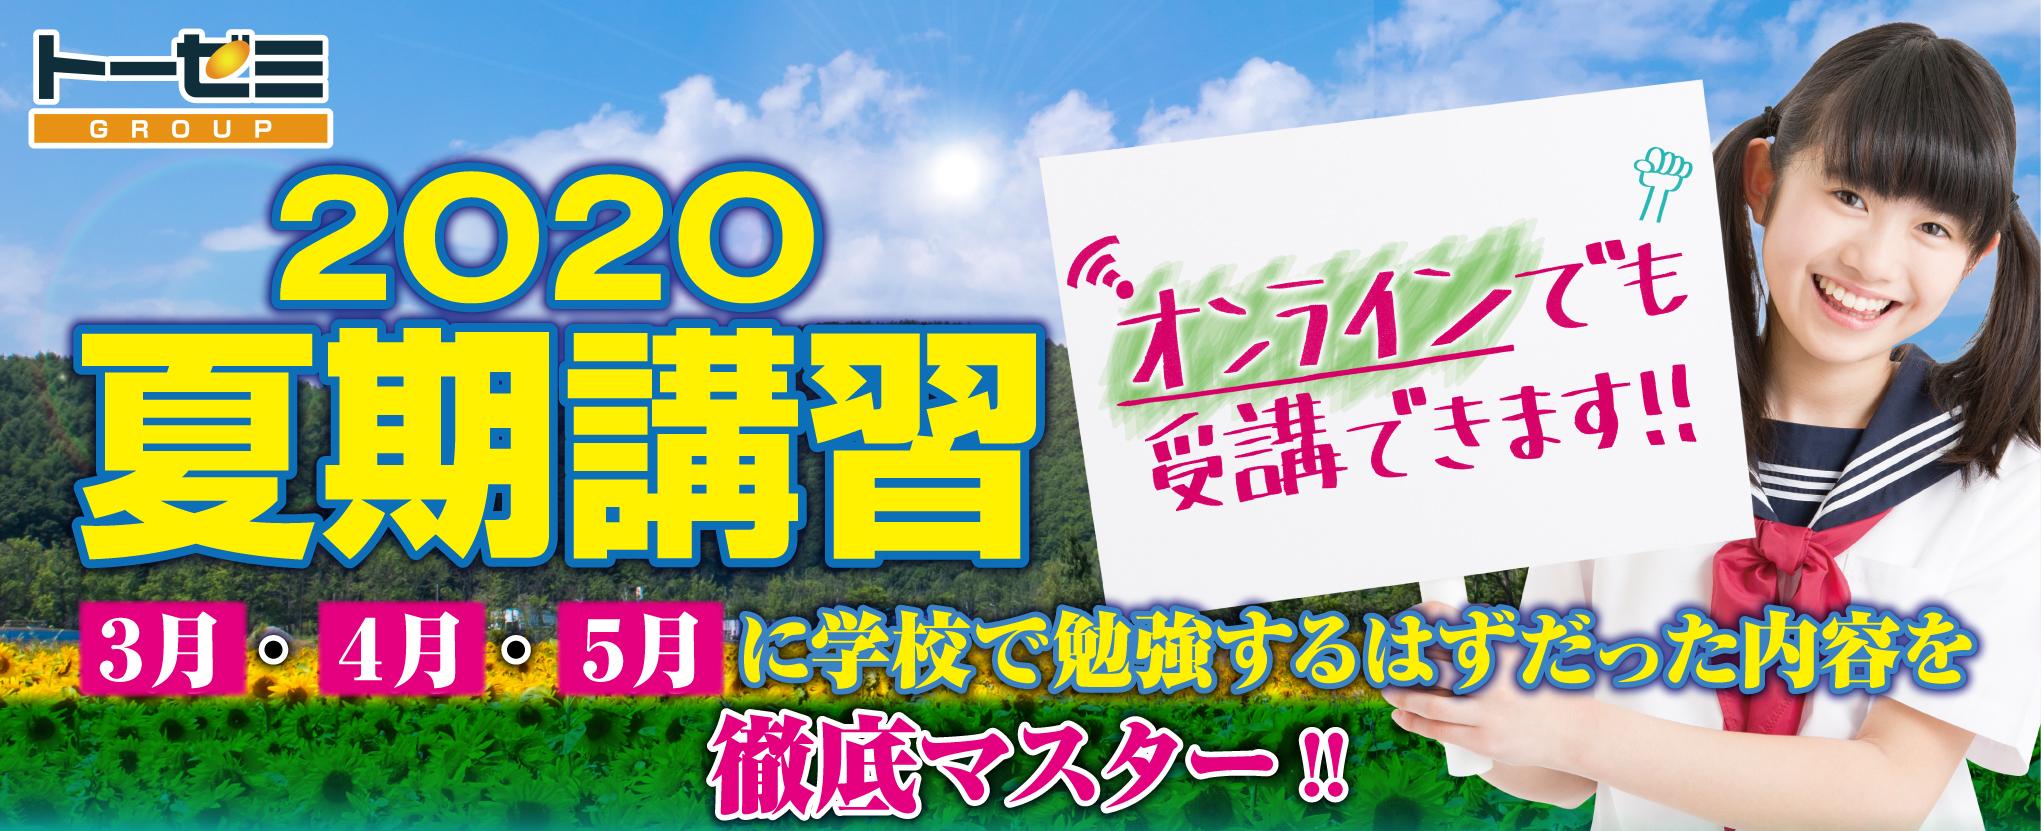 2006_入試講演会バナー